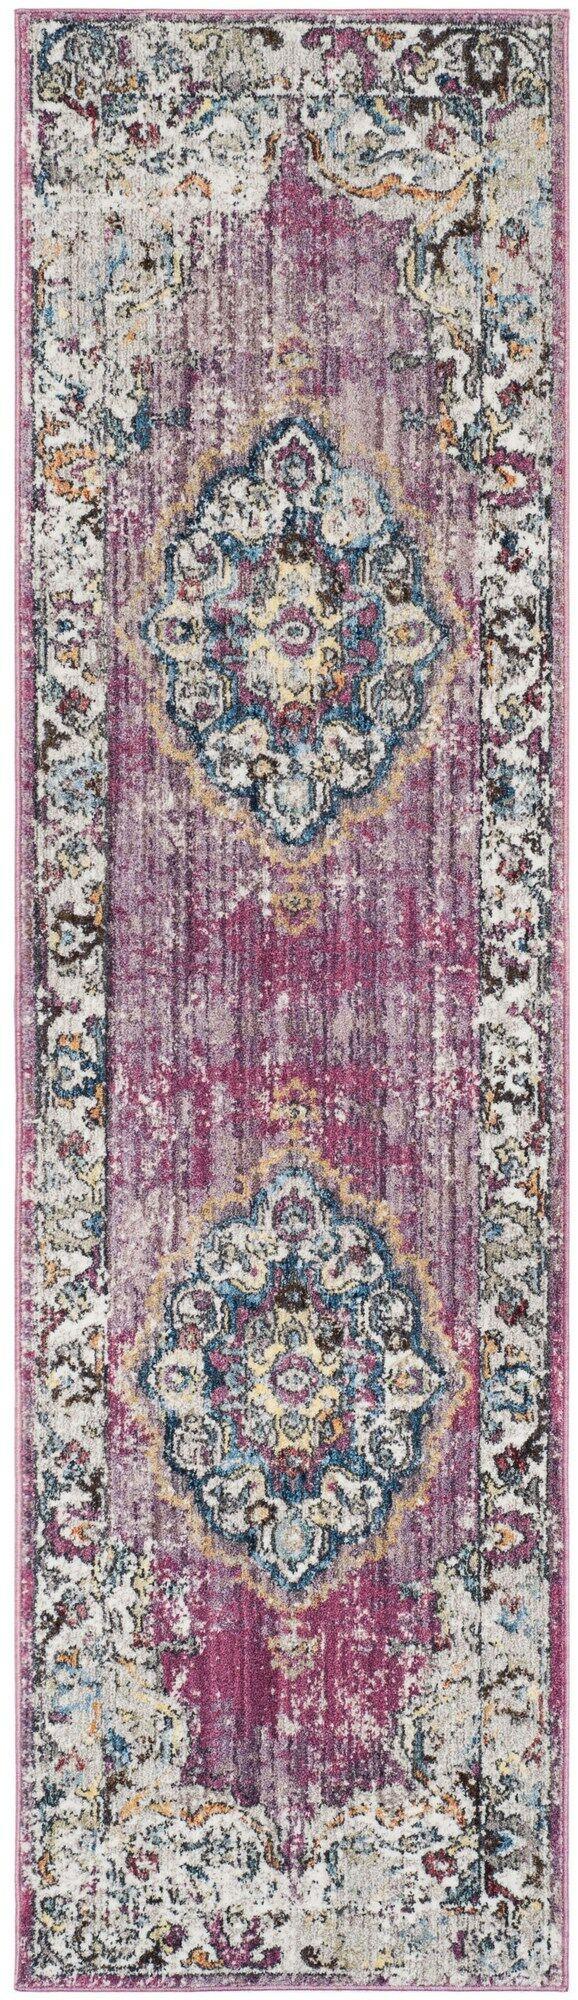 Culross Rose/Purple Area Rug Rug Size: Rectangle 3' x 5'